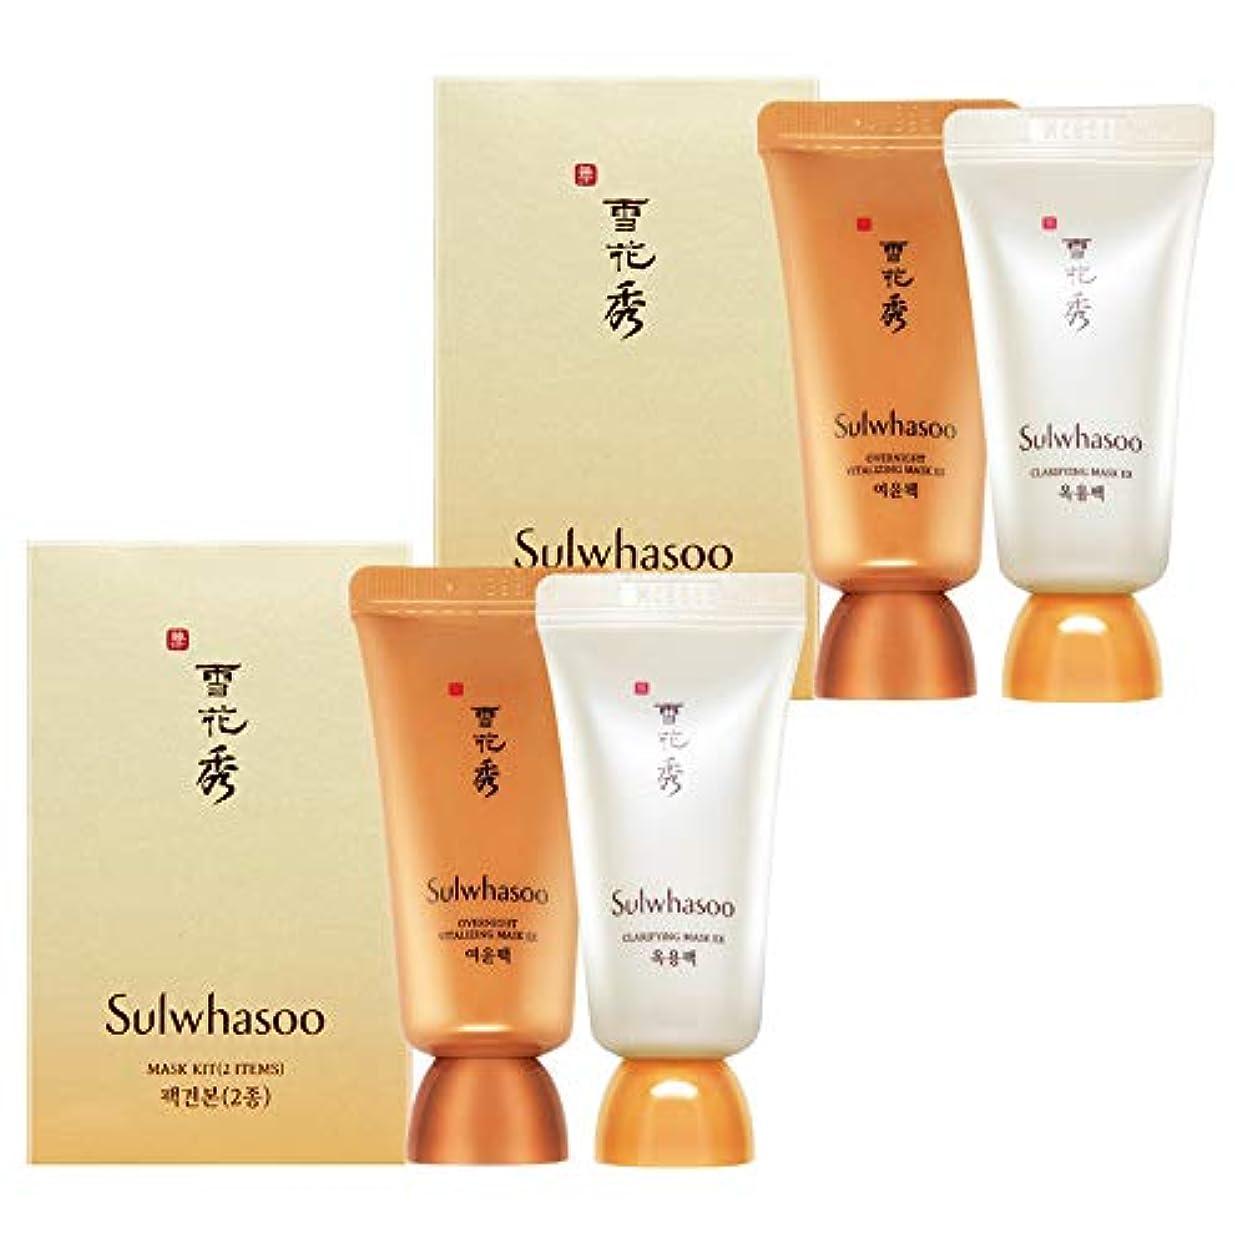 アジア人めったにエンティティ[Sulwhasoo] ソルファス オギョンパック ヨユンパック 15ml×2本×2箱(Mask Kit(2 Iteams) 1+1)